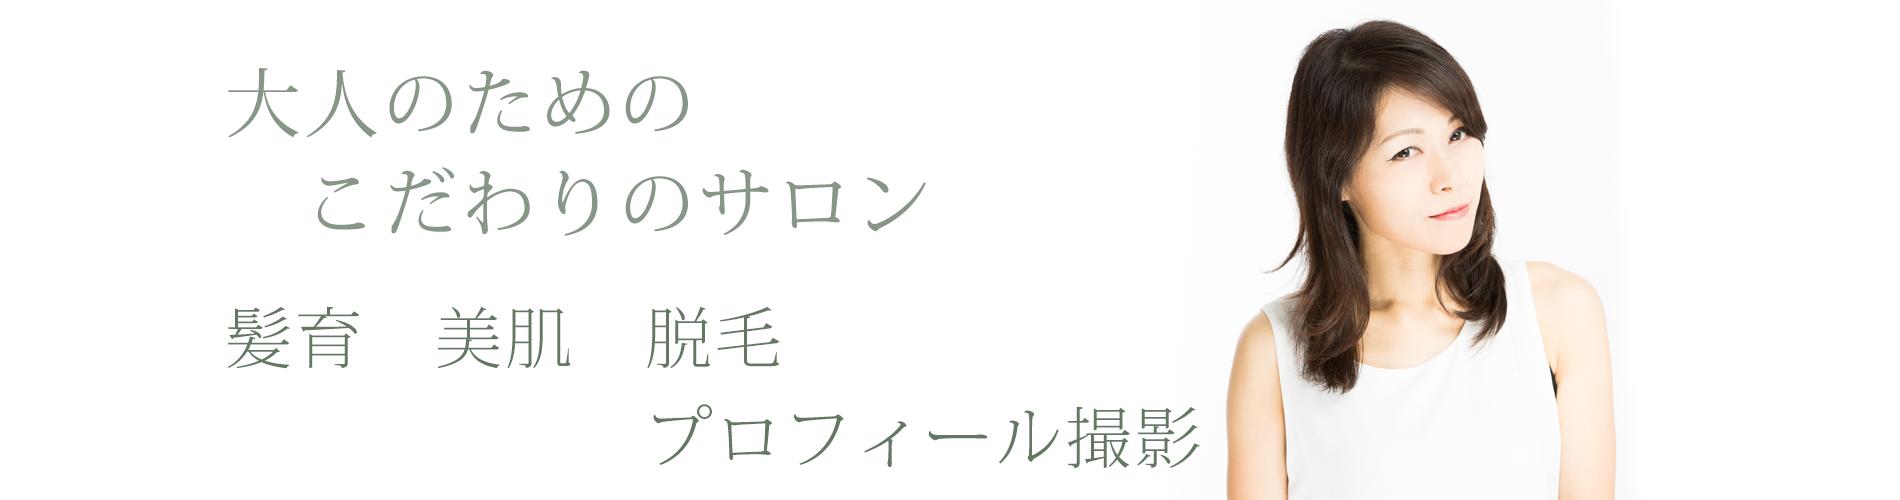 名古屋市守山区のエステ|プロフィール写真撮影|髪育|脱毛|頭皮ケア|トータルプロデュースKirei